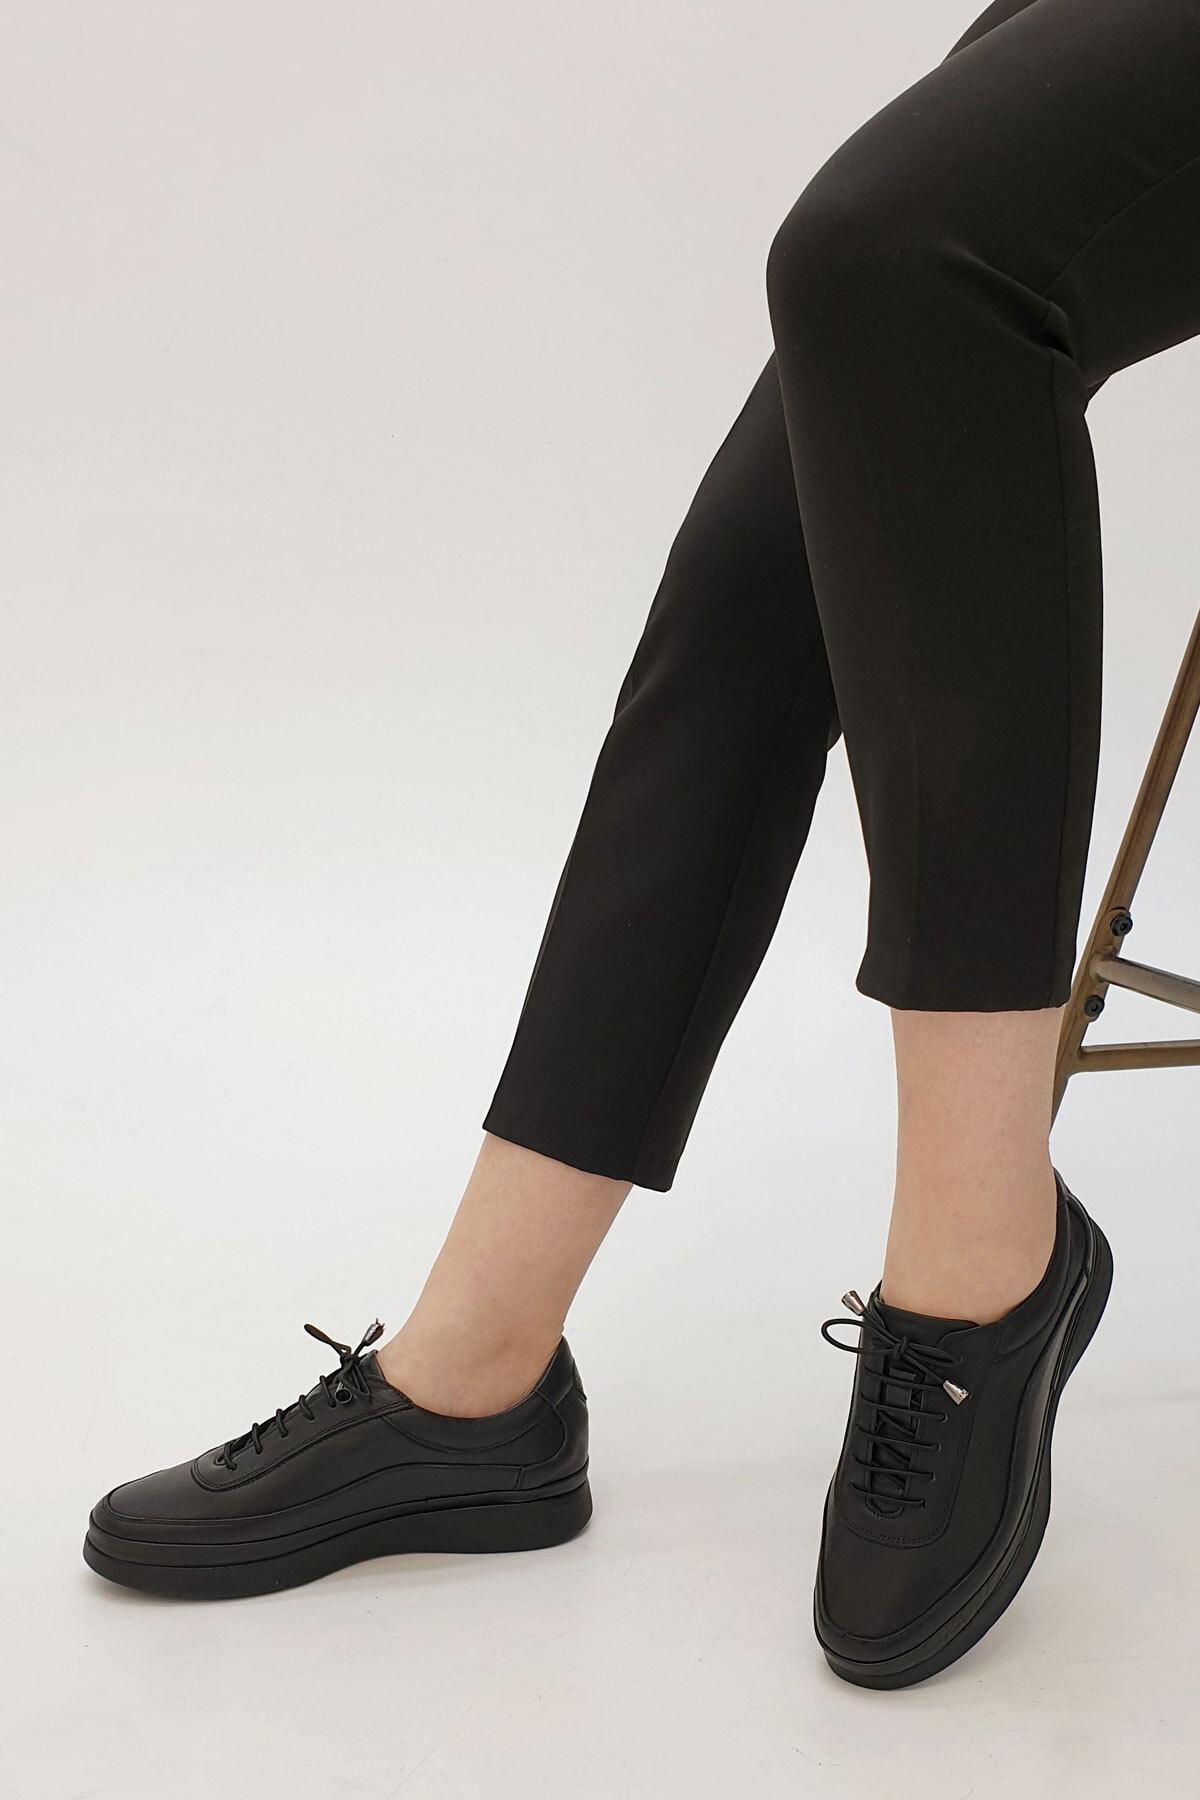 Marjin Sensiva Kadın Hakiki Deri Comfort Ayakkabısiyah 0